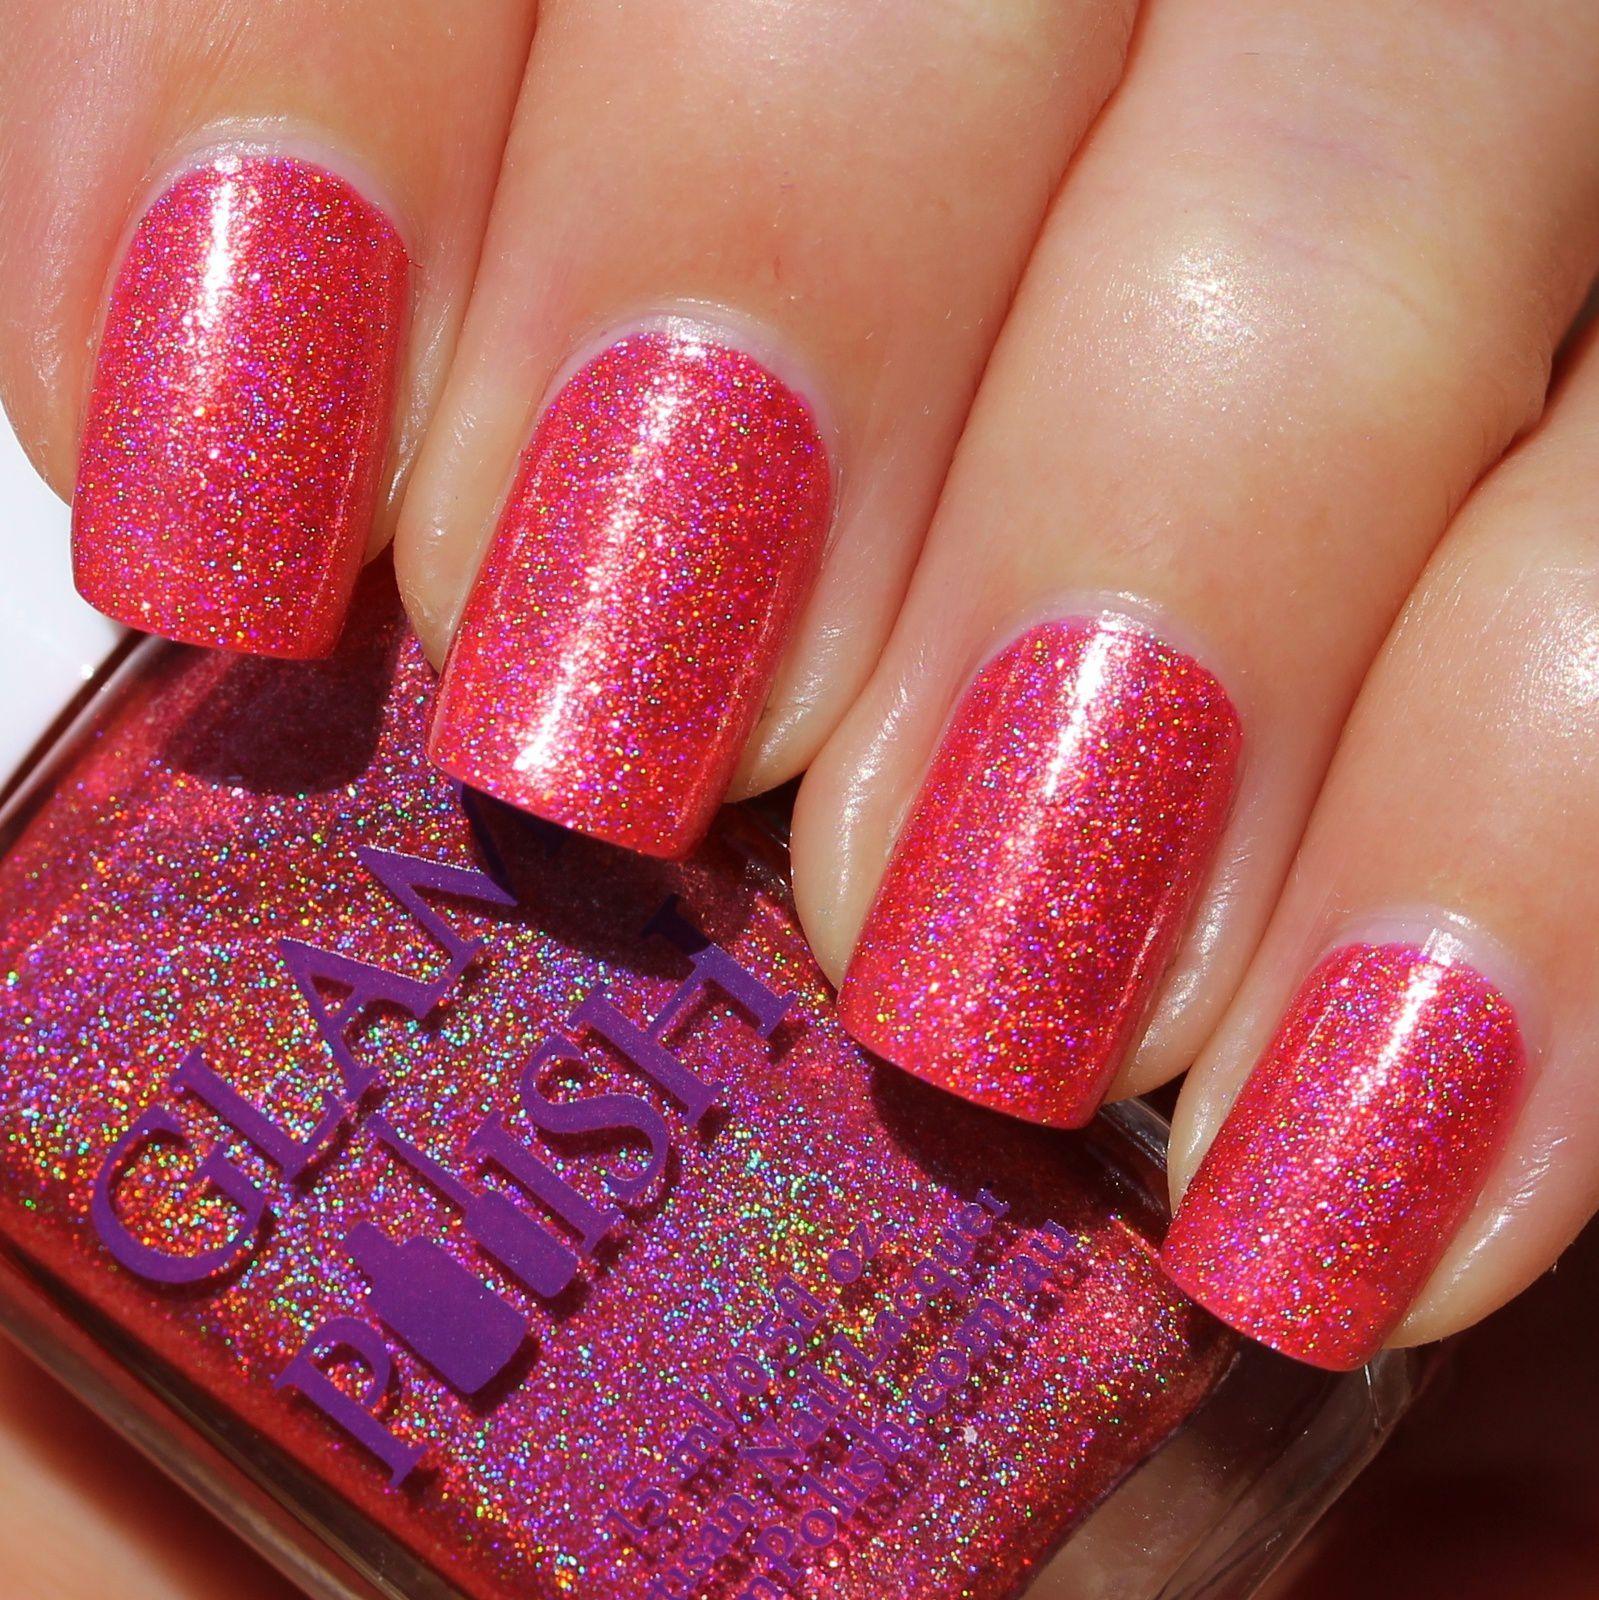 Glam Polish Don't Make me Blush (2 coats, no base coat, no top coat)